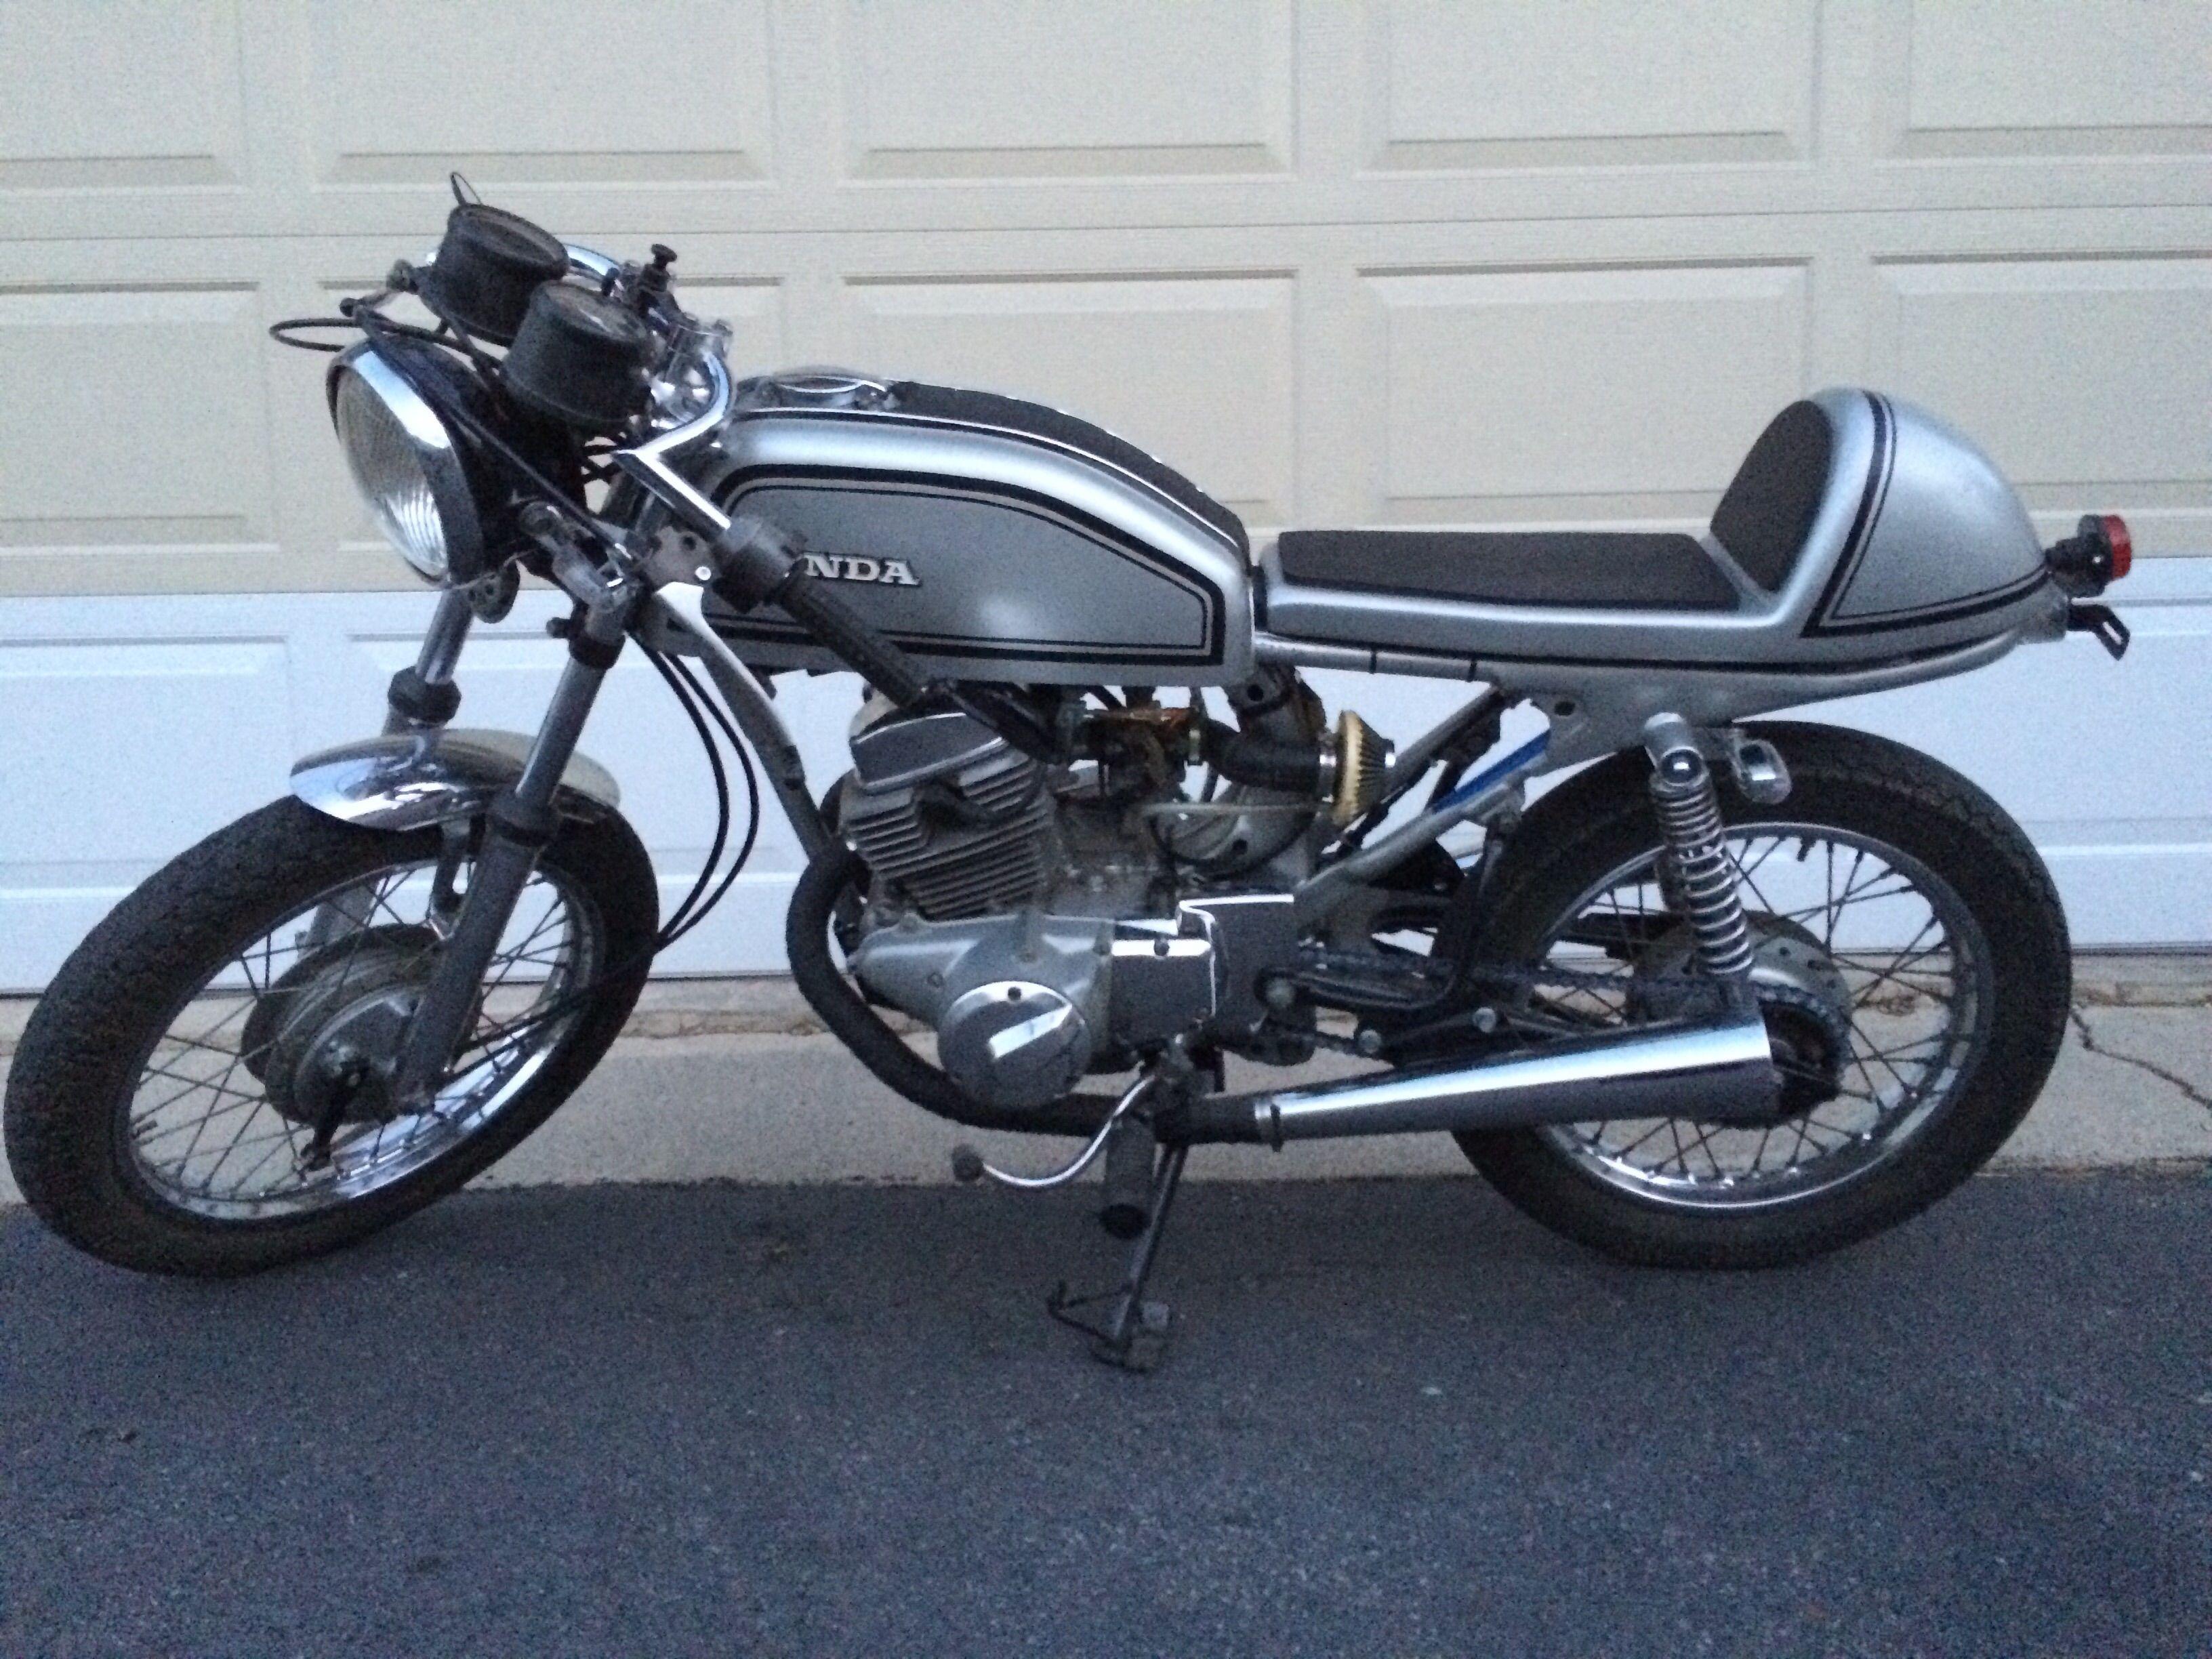 honda tiger cafe racerthekatros #motorcycles #caferacer #motos